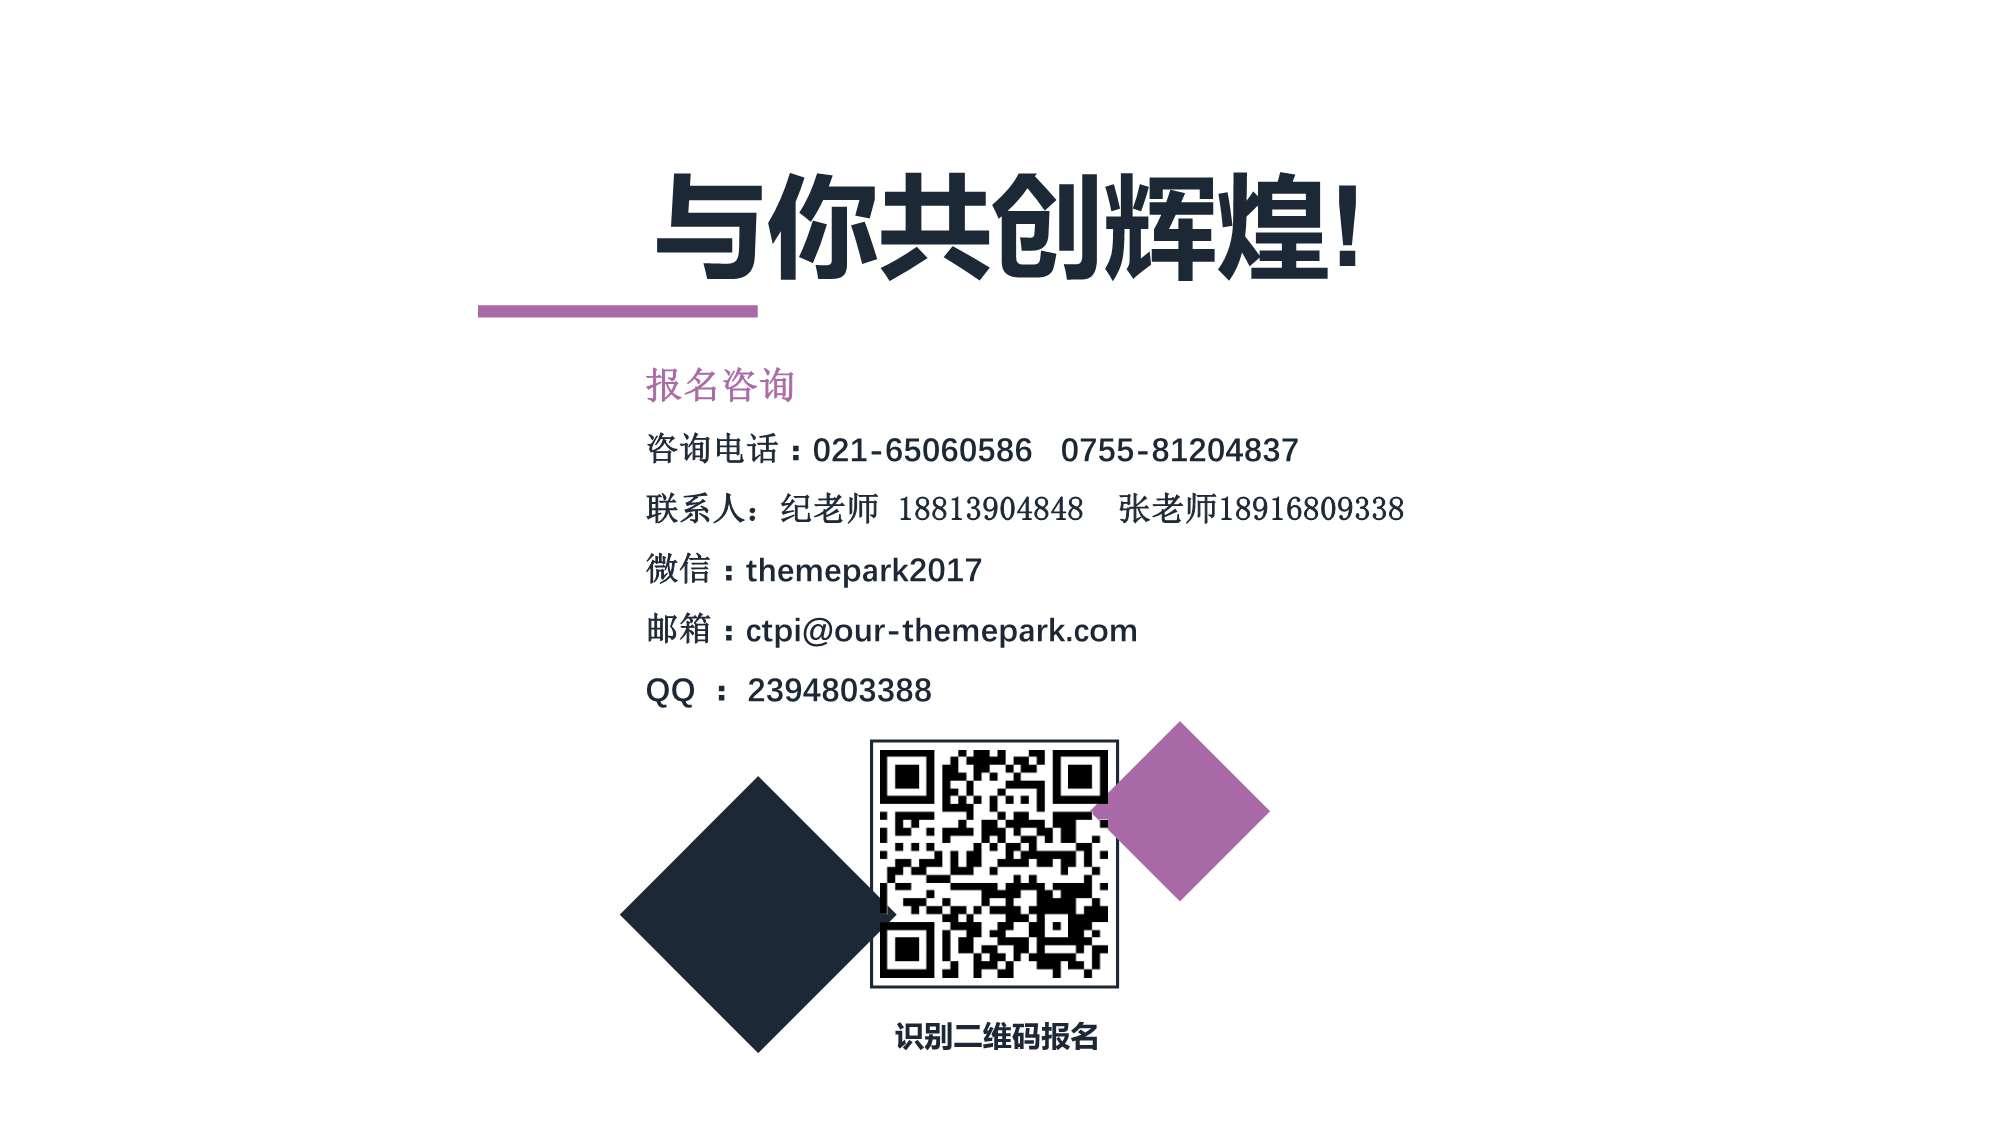 文旅与主题娱乐研究生四期班UWS学位(2020.6.17)(3)-34.jpg